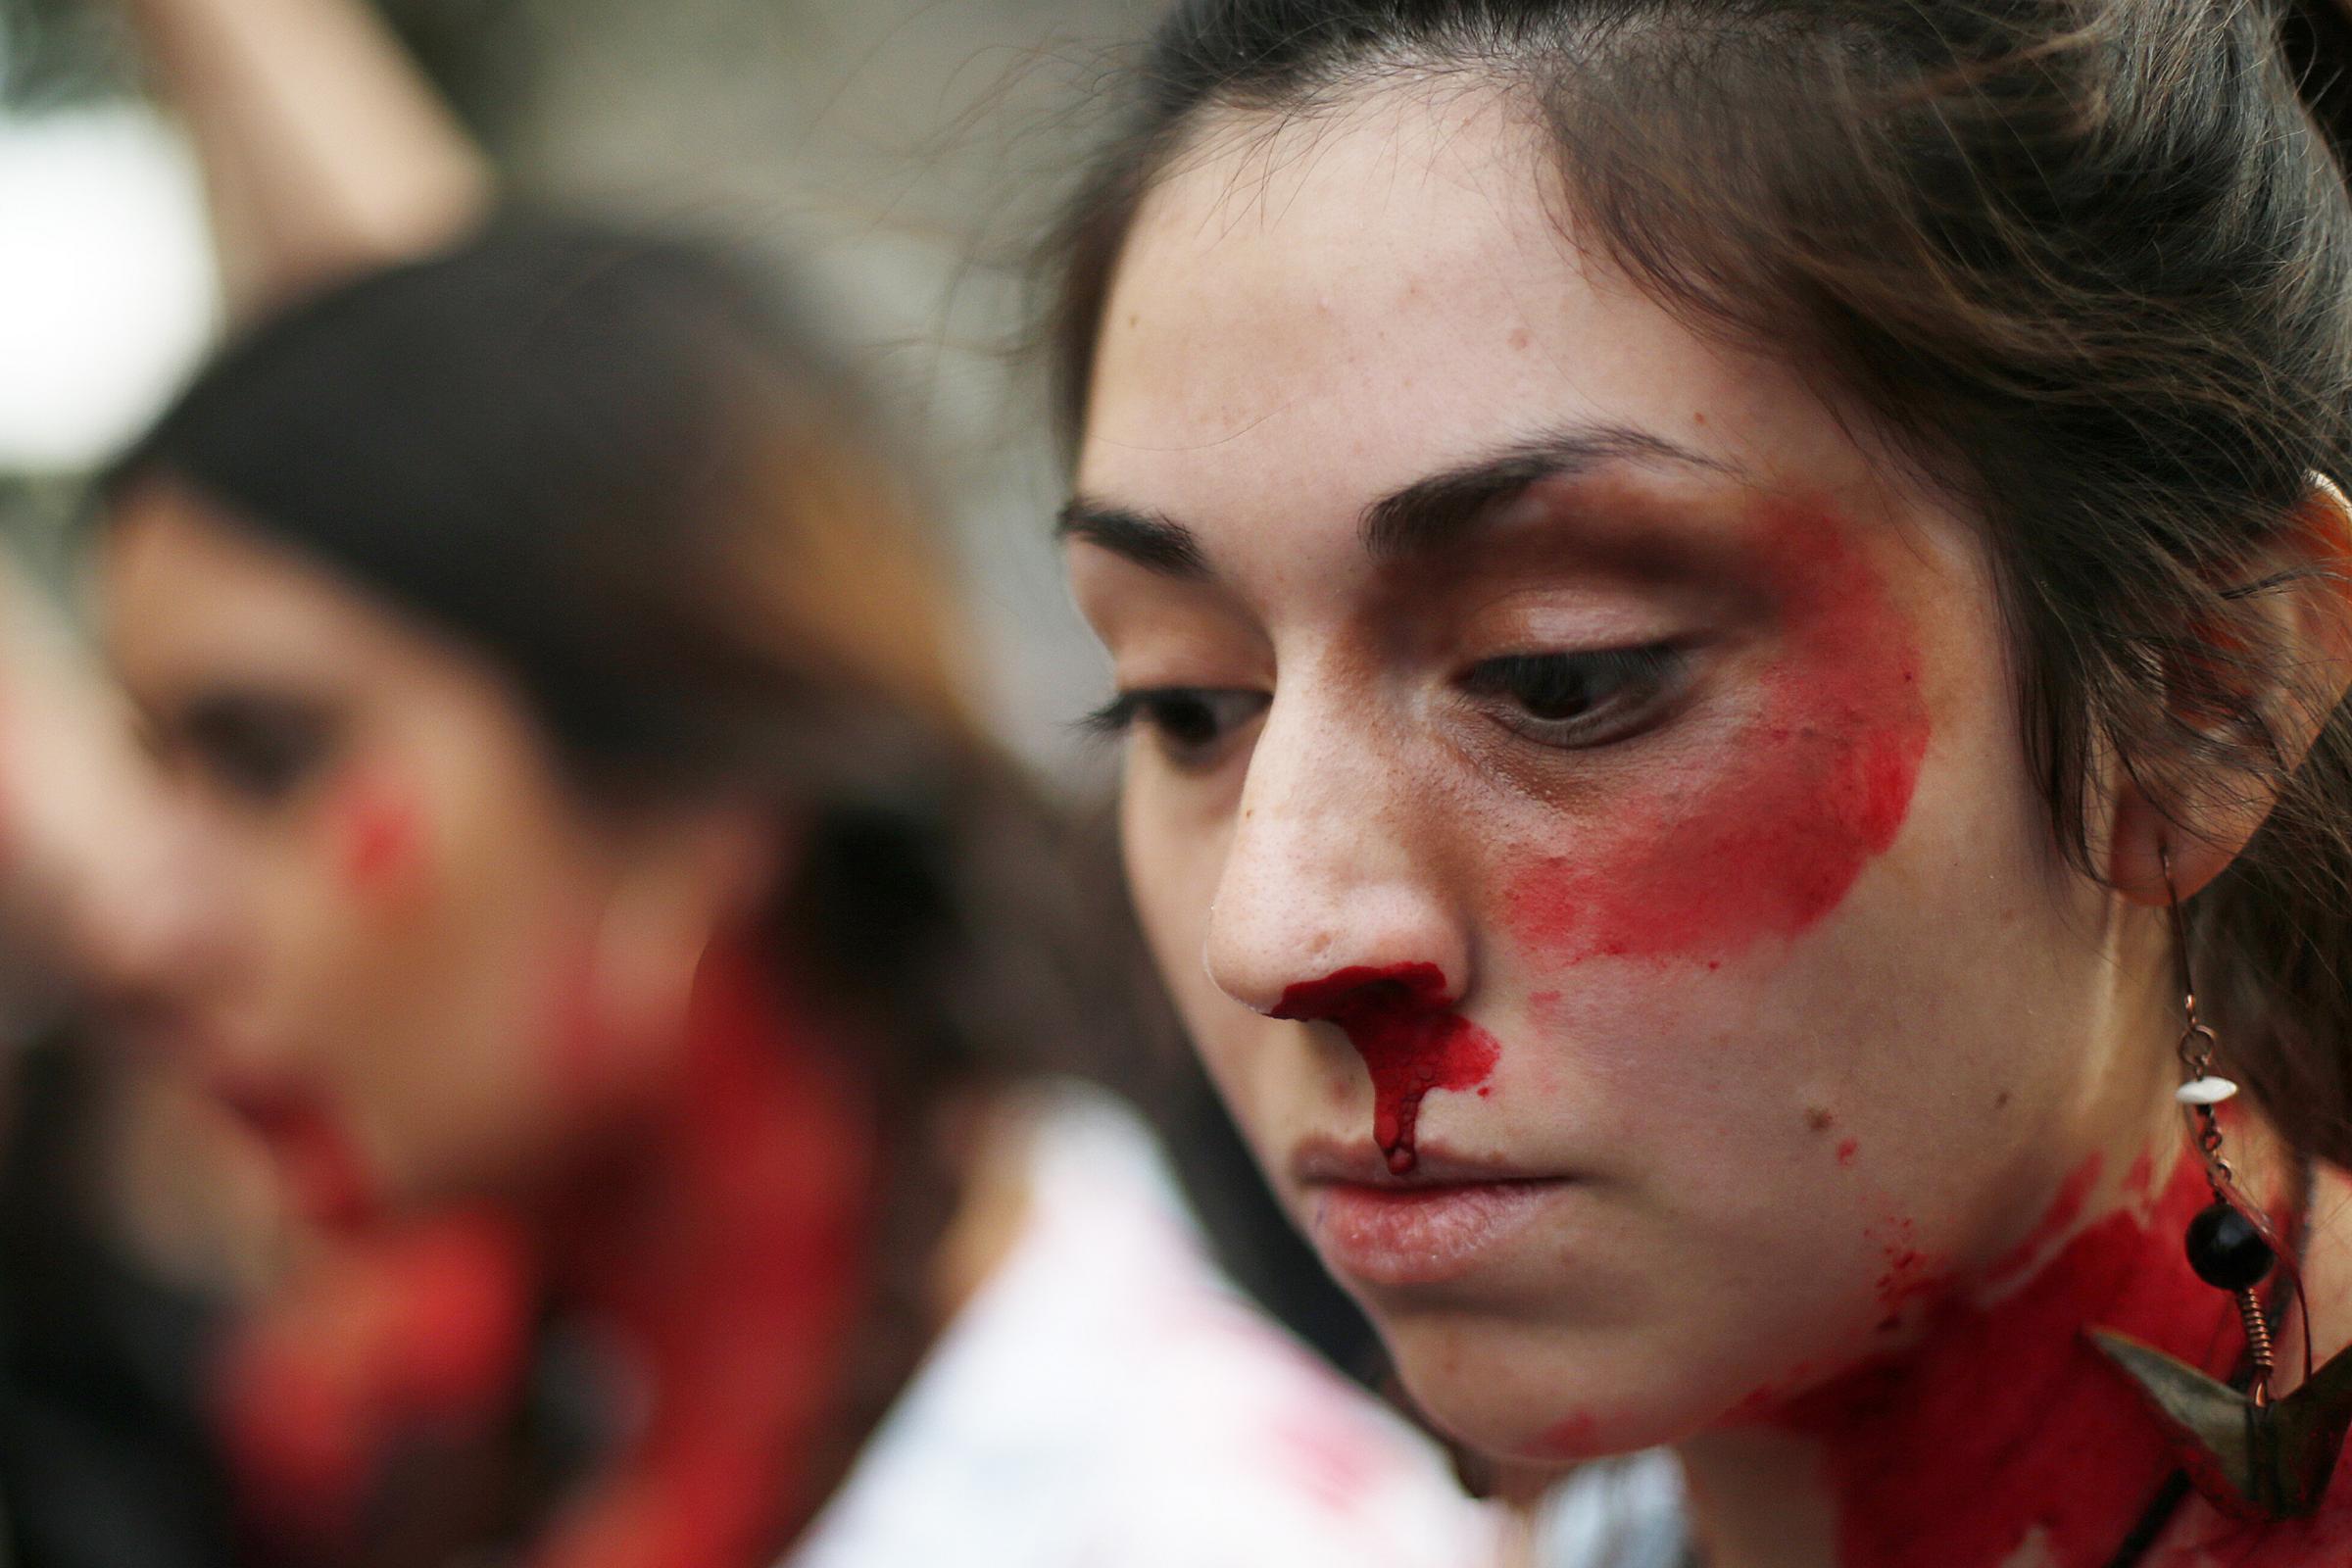 Giornata internazionale contro la violenza sulle donne: manifestazione a Roma ed eventi in programma